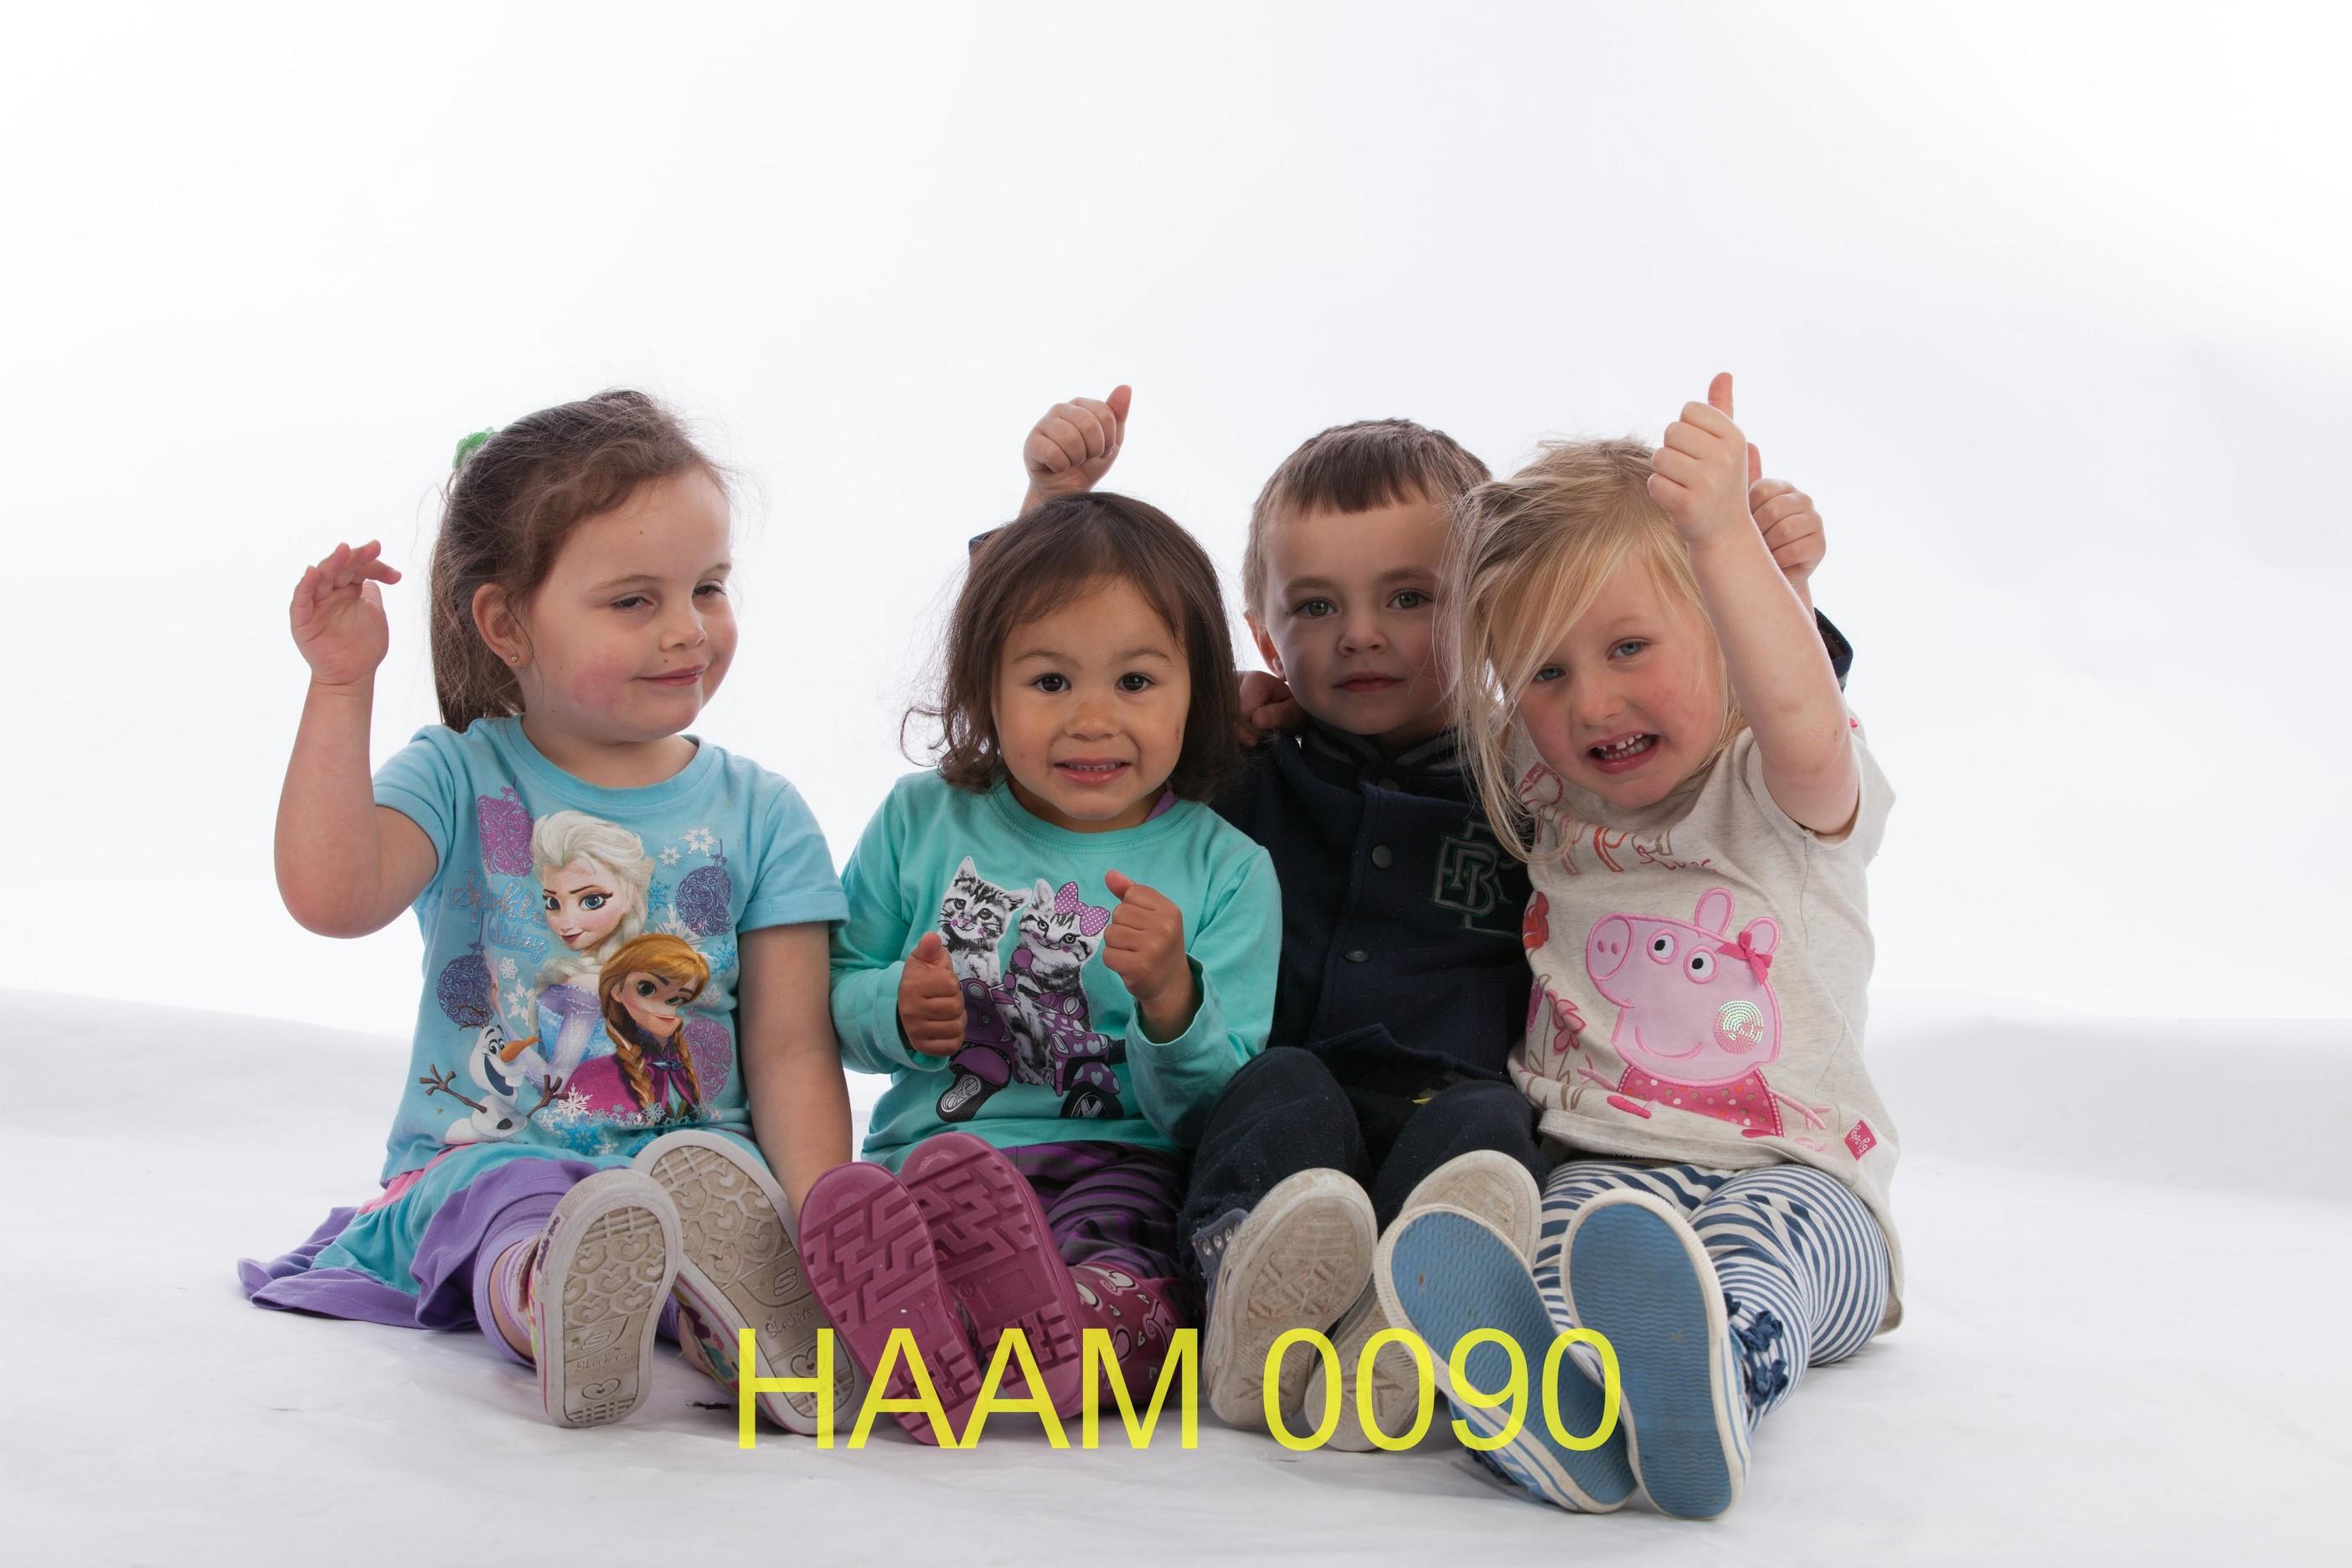 HAAM 0090